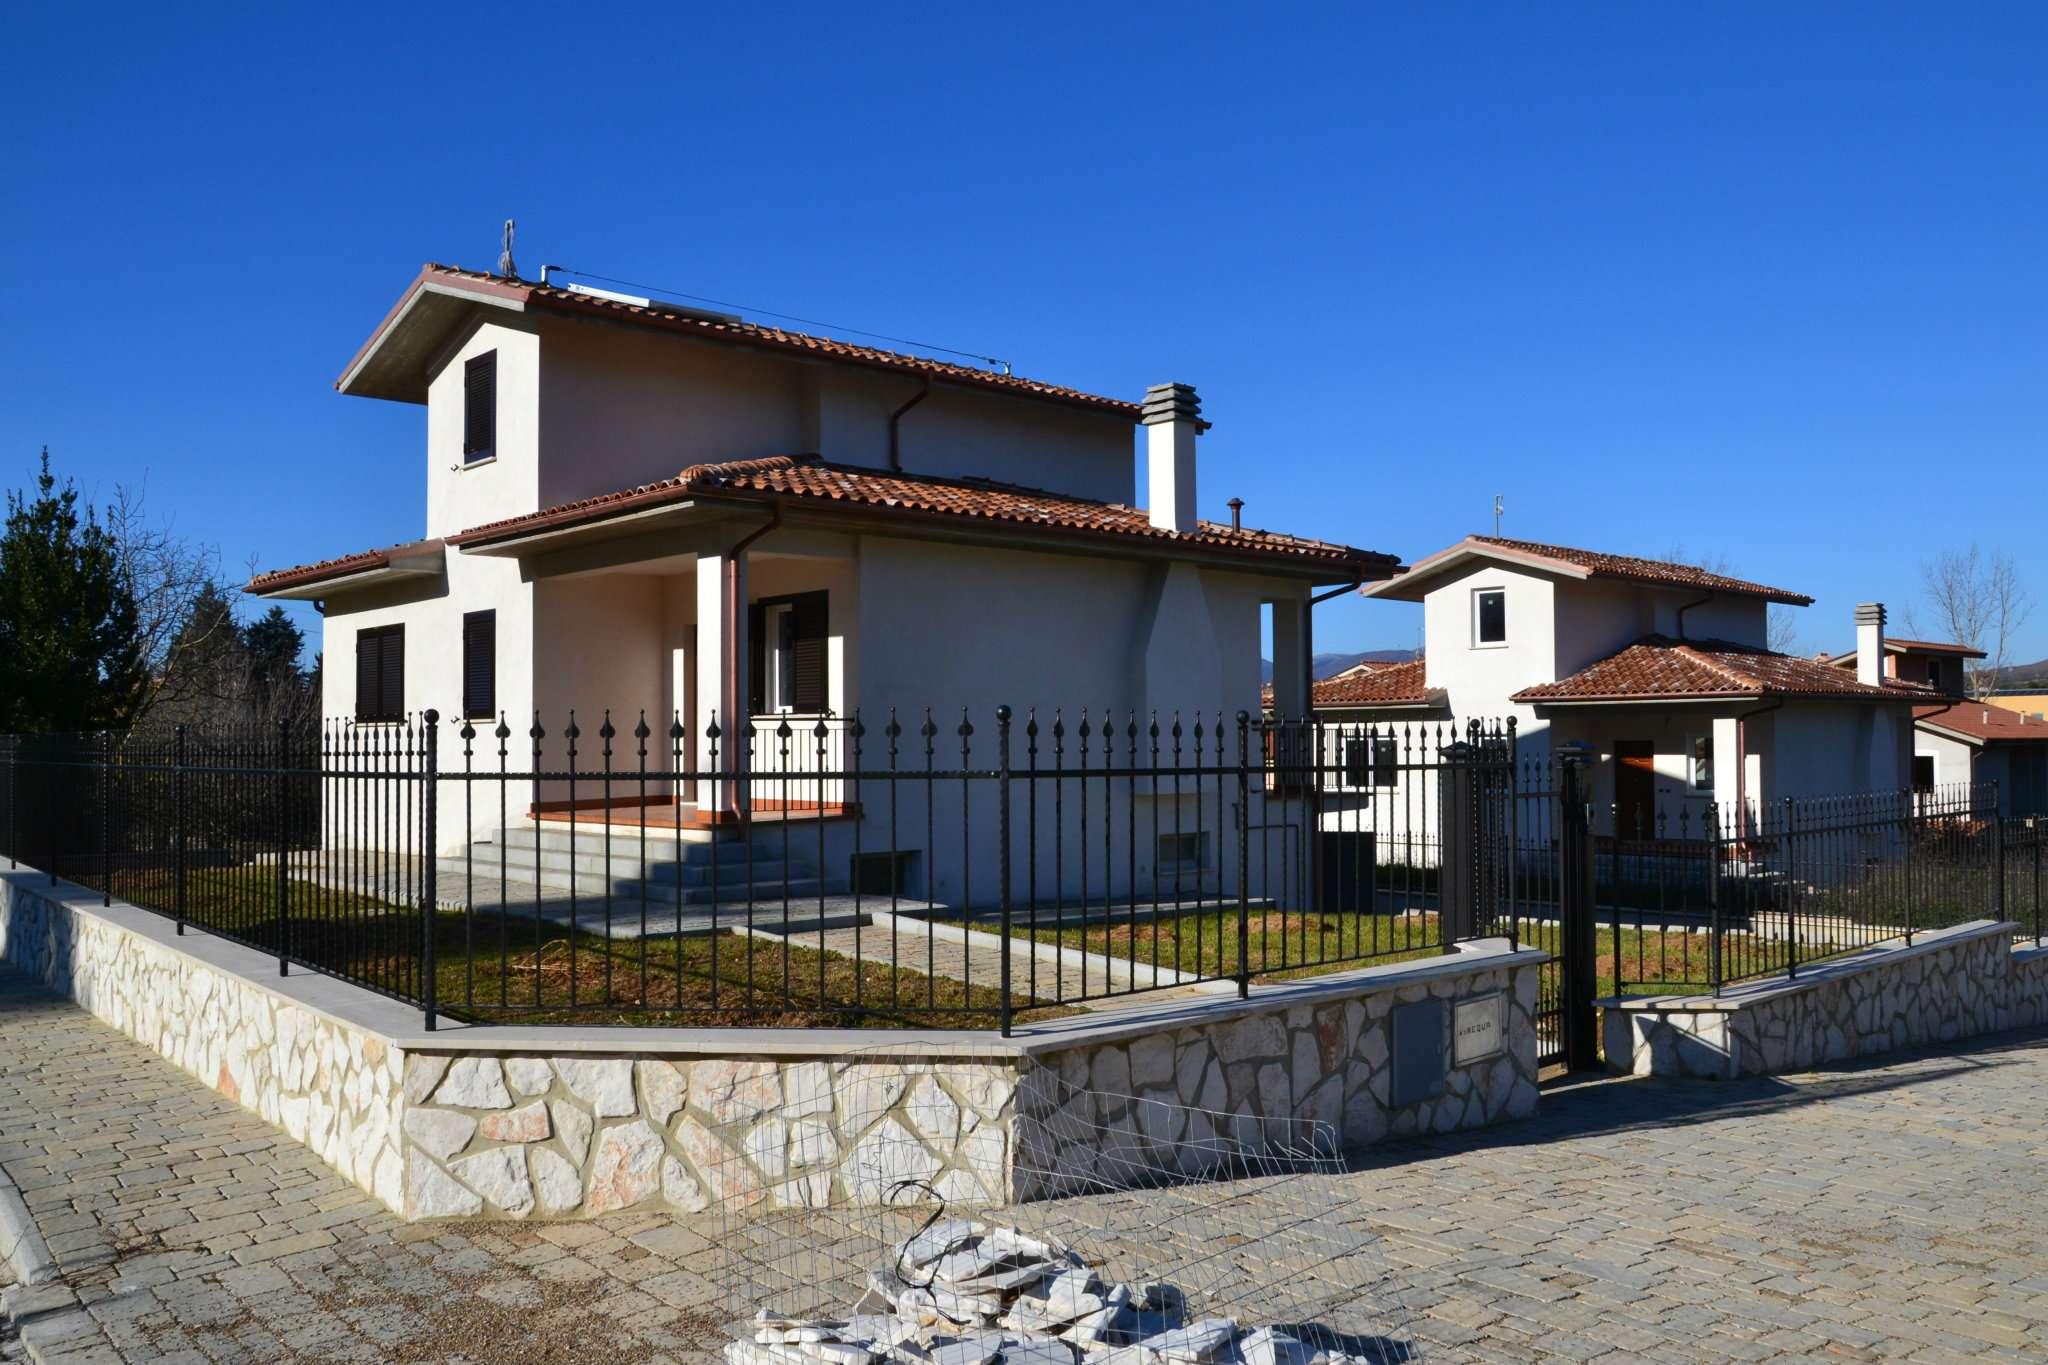 Villa in vendita a Scandriglia, 4 locali, prezzo € 244.000   CambioCasa.it